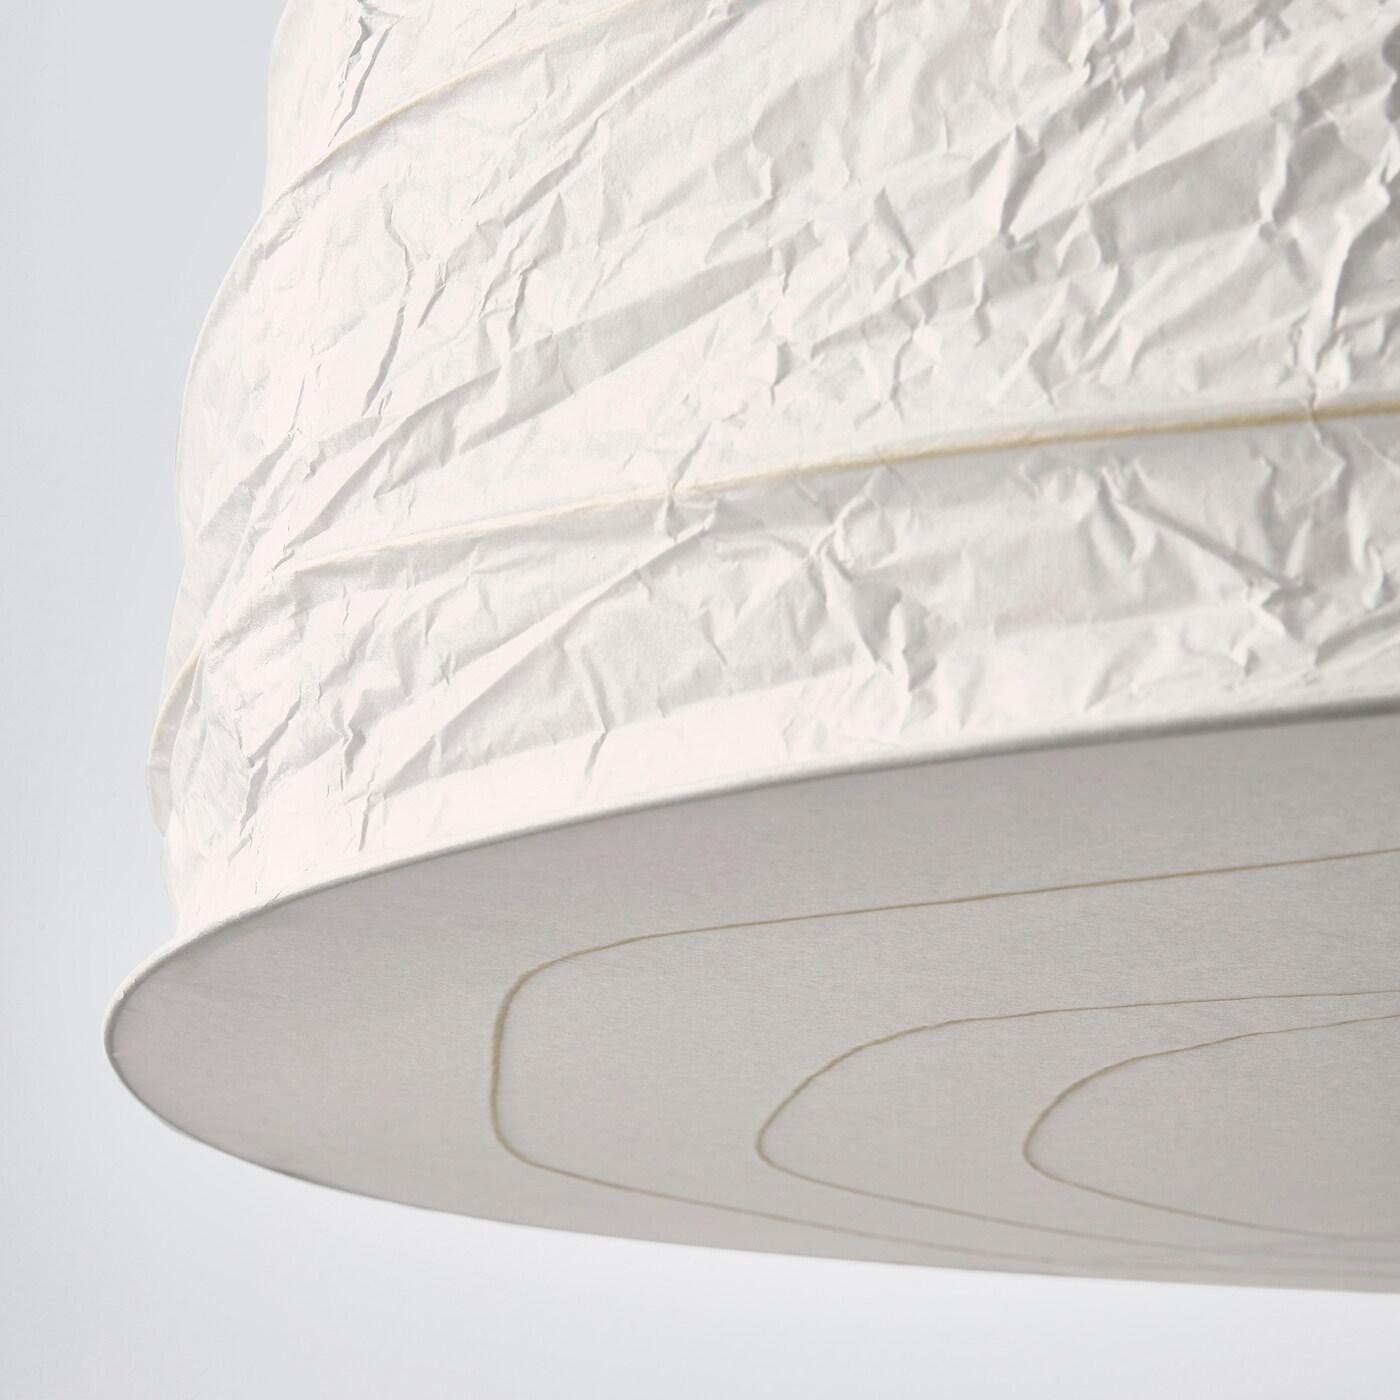 Full Size of Ikea Bogenlampe Regolit Standleuchte Modulküche Esstisch Küche Kaufen Miniküche Kosten Sofa Mit Schlaffunktion Betten 160x200 Bei Wohnzimmer Ikea Bogenlampe